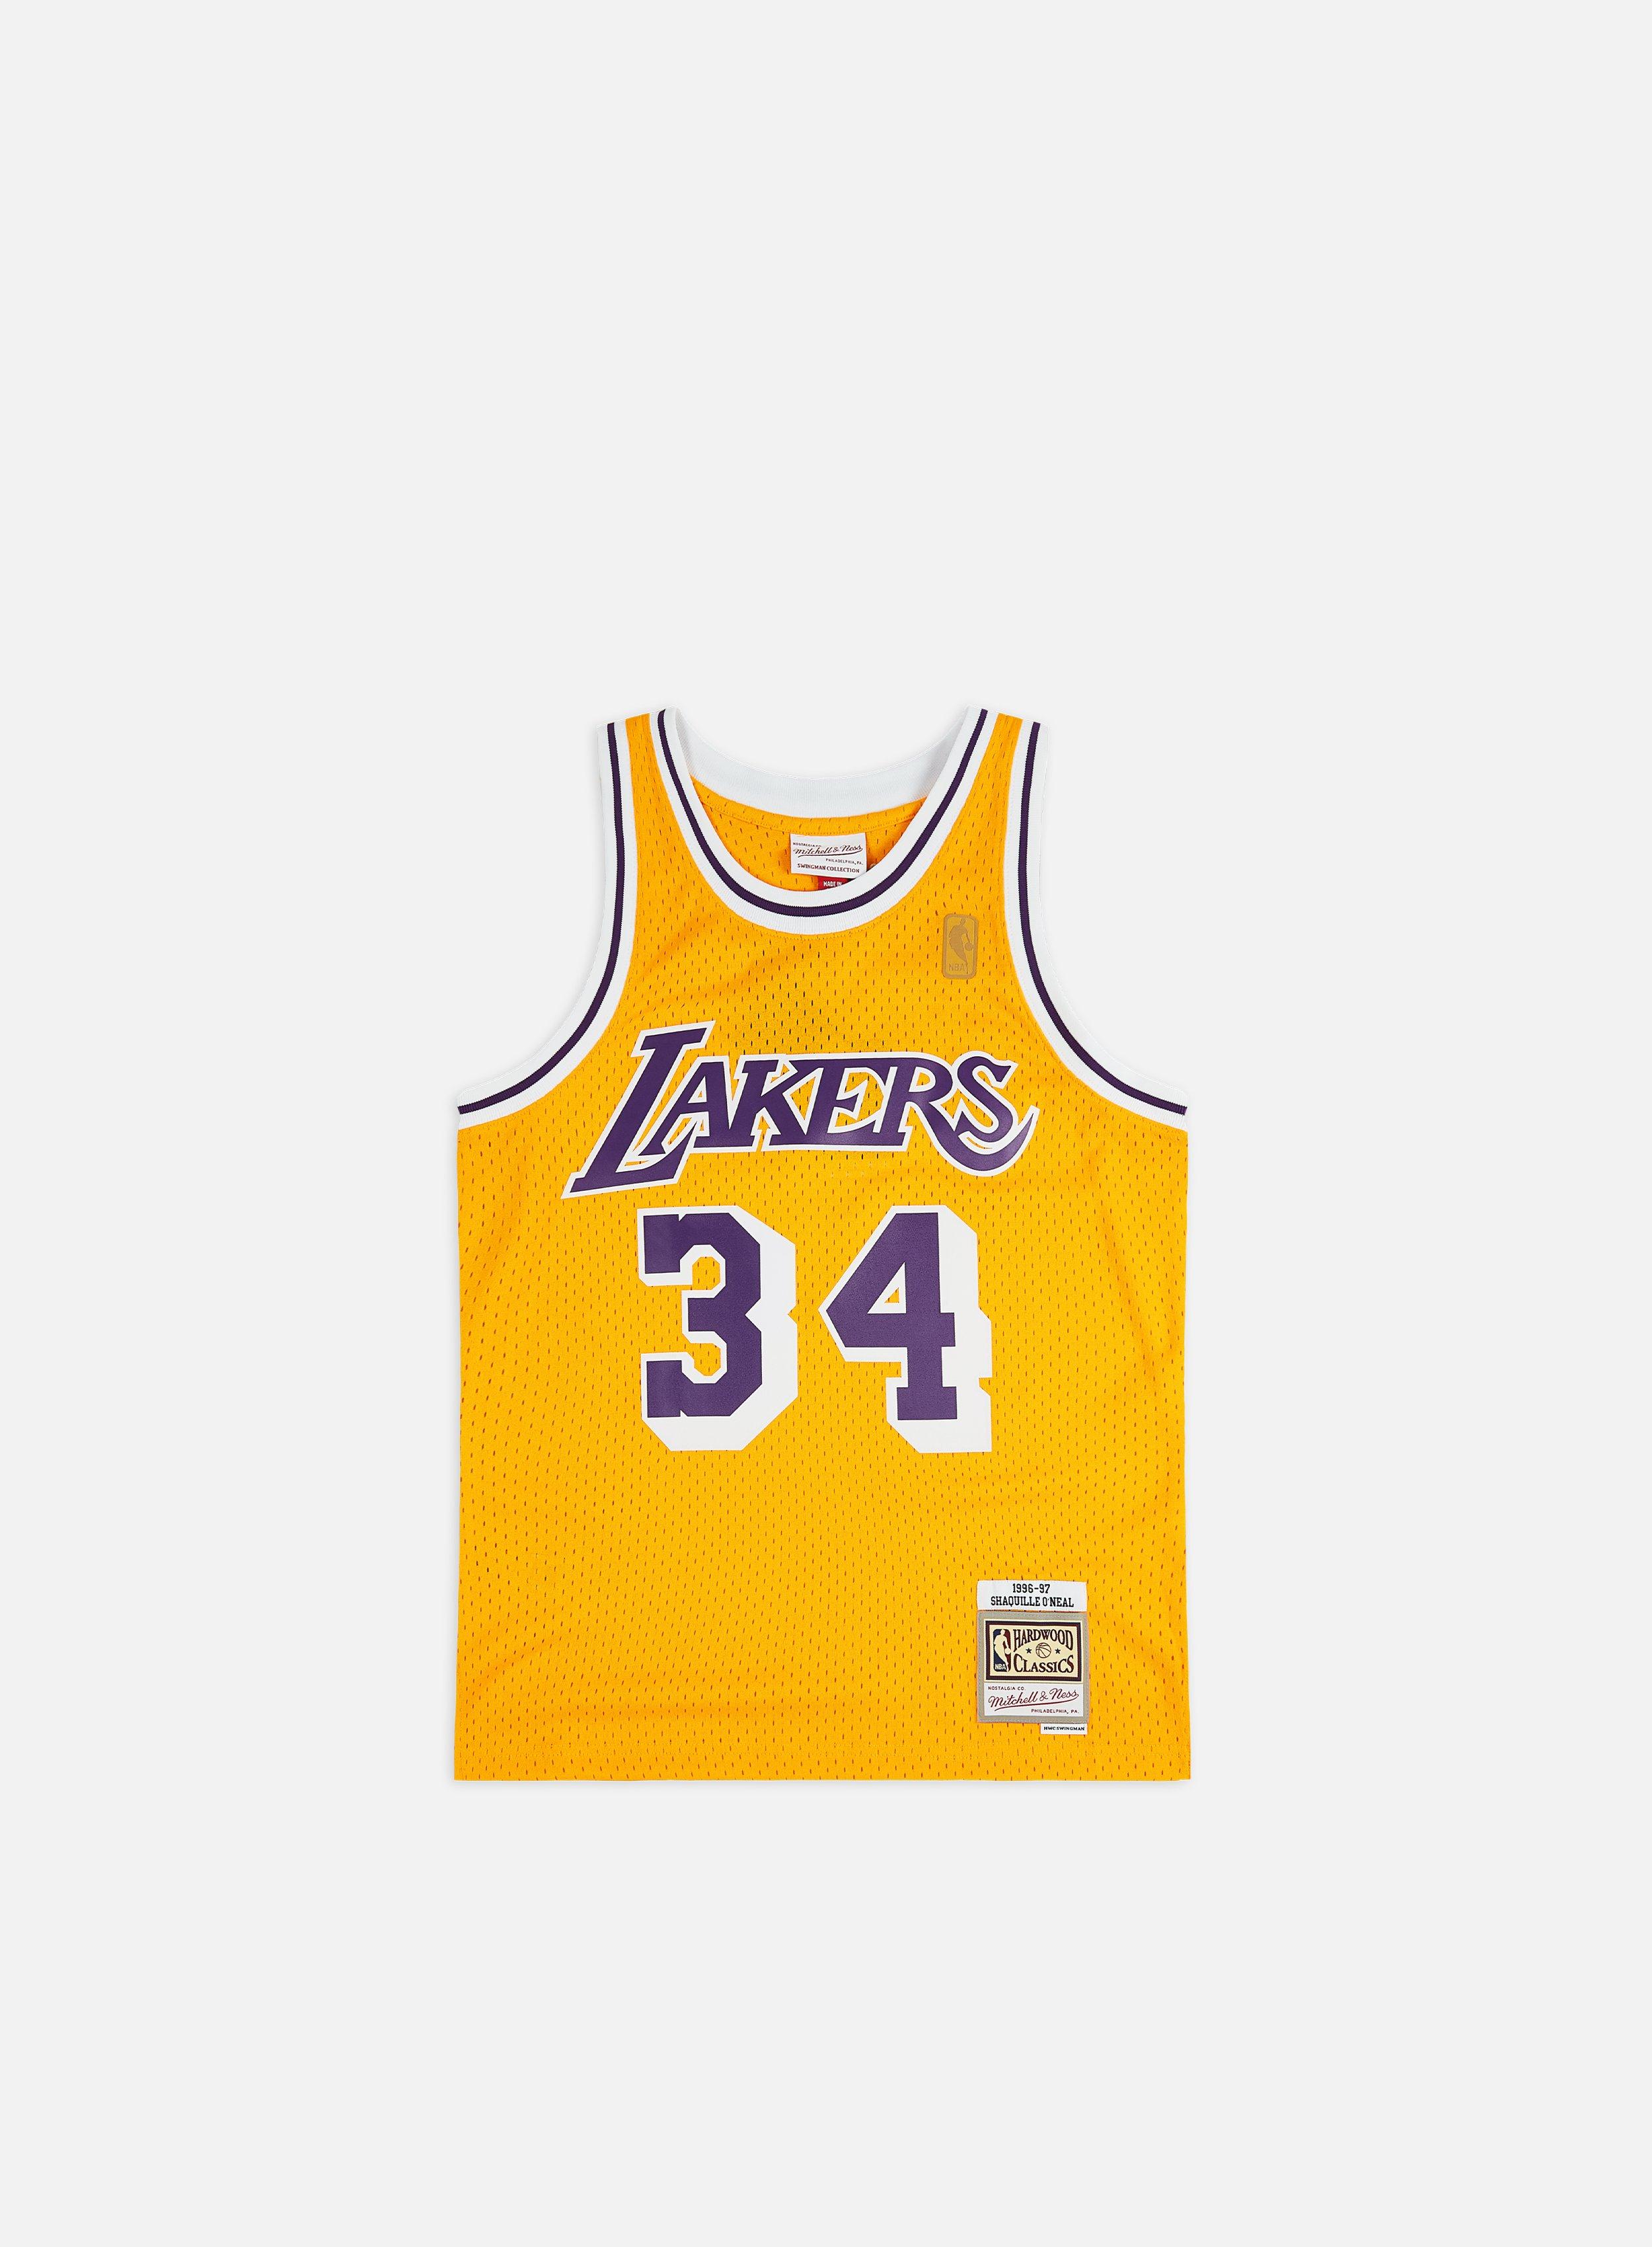 LA Lakers 96- 97 Swingman Jersey Shaquille O'Neal